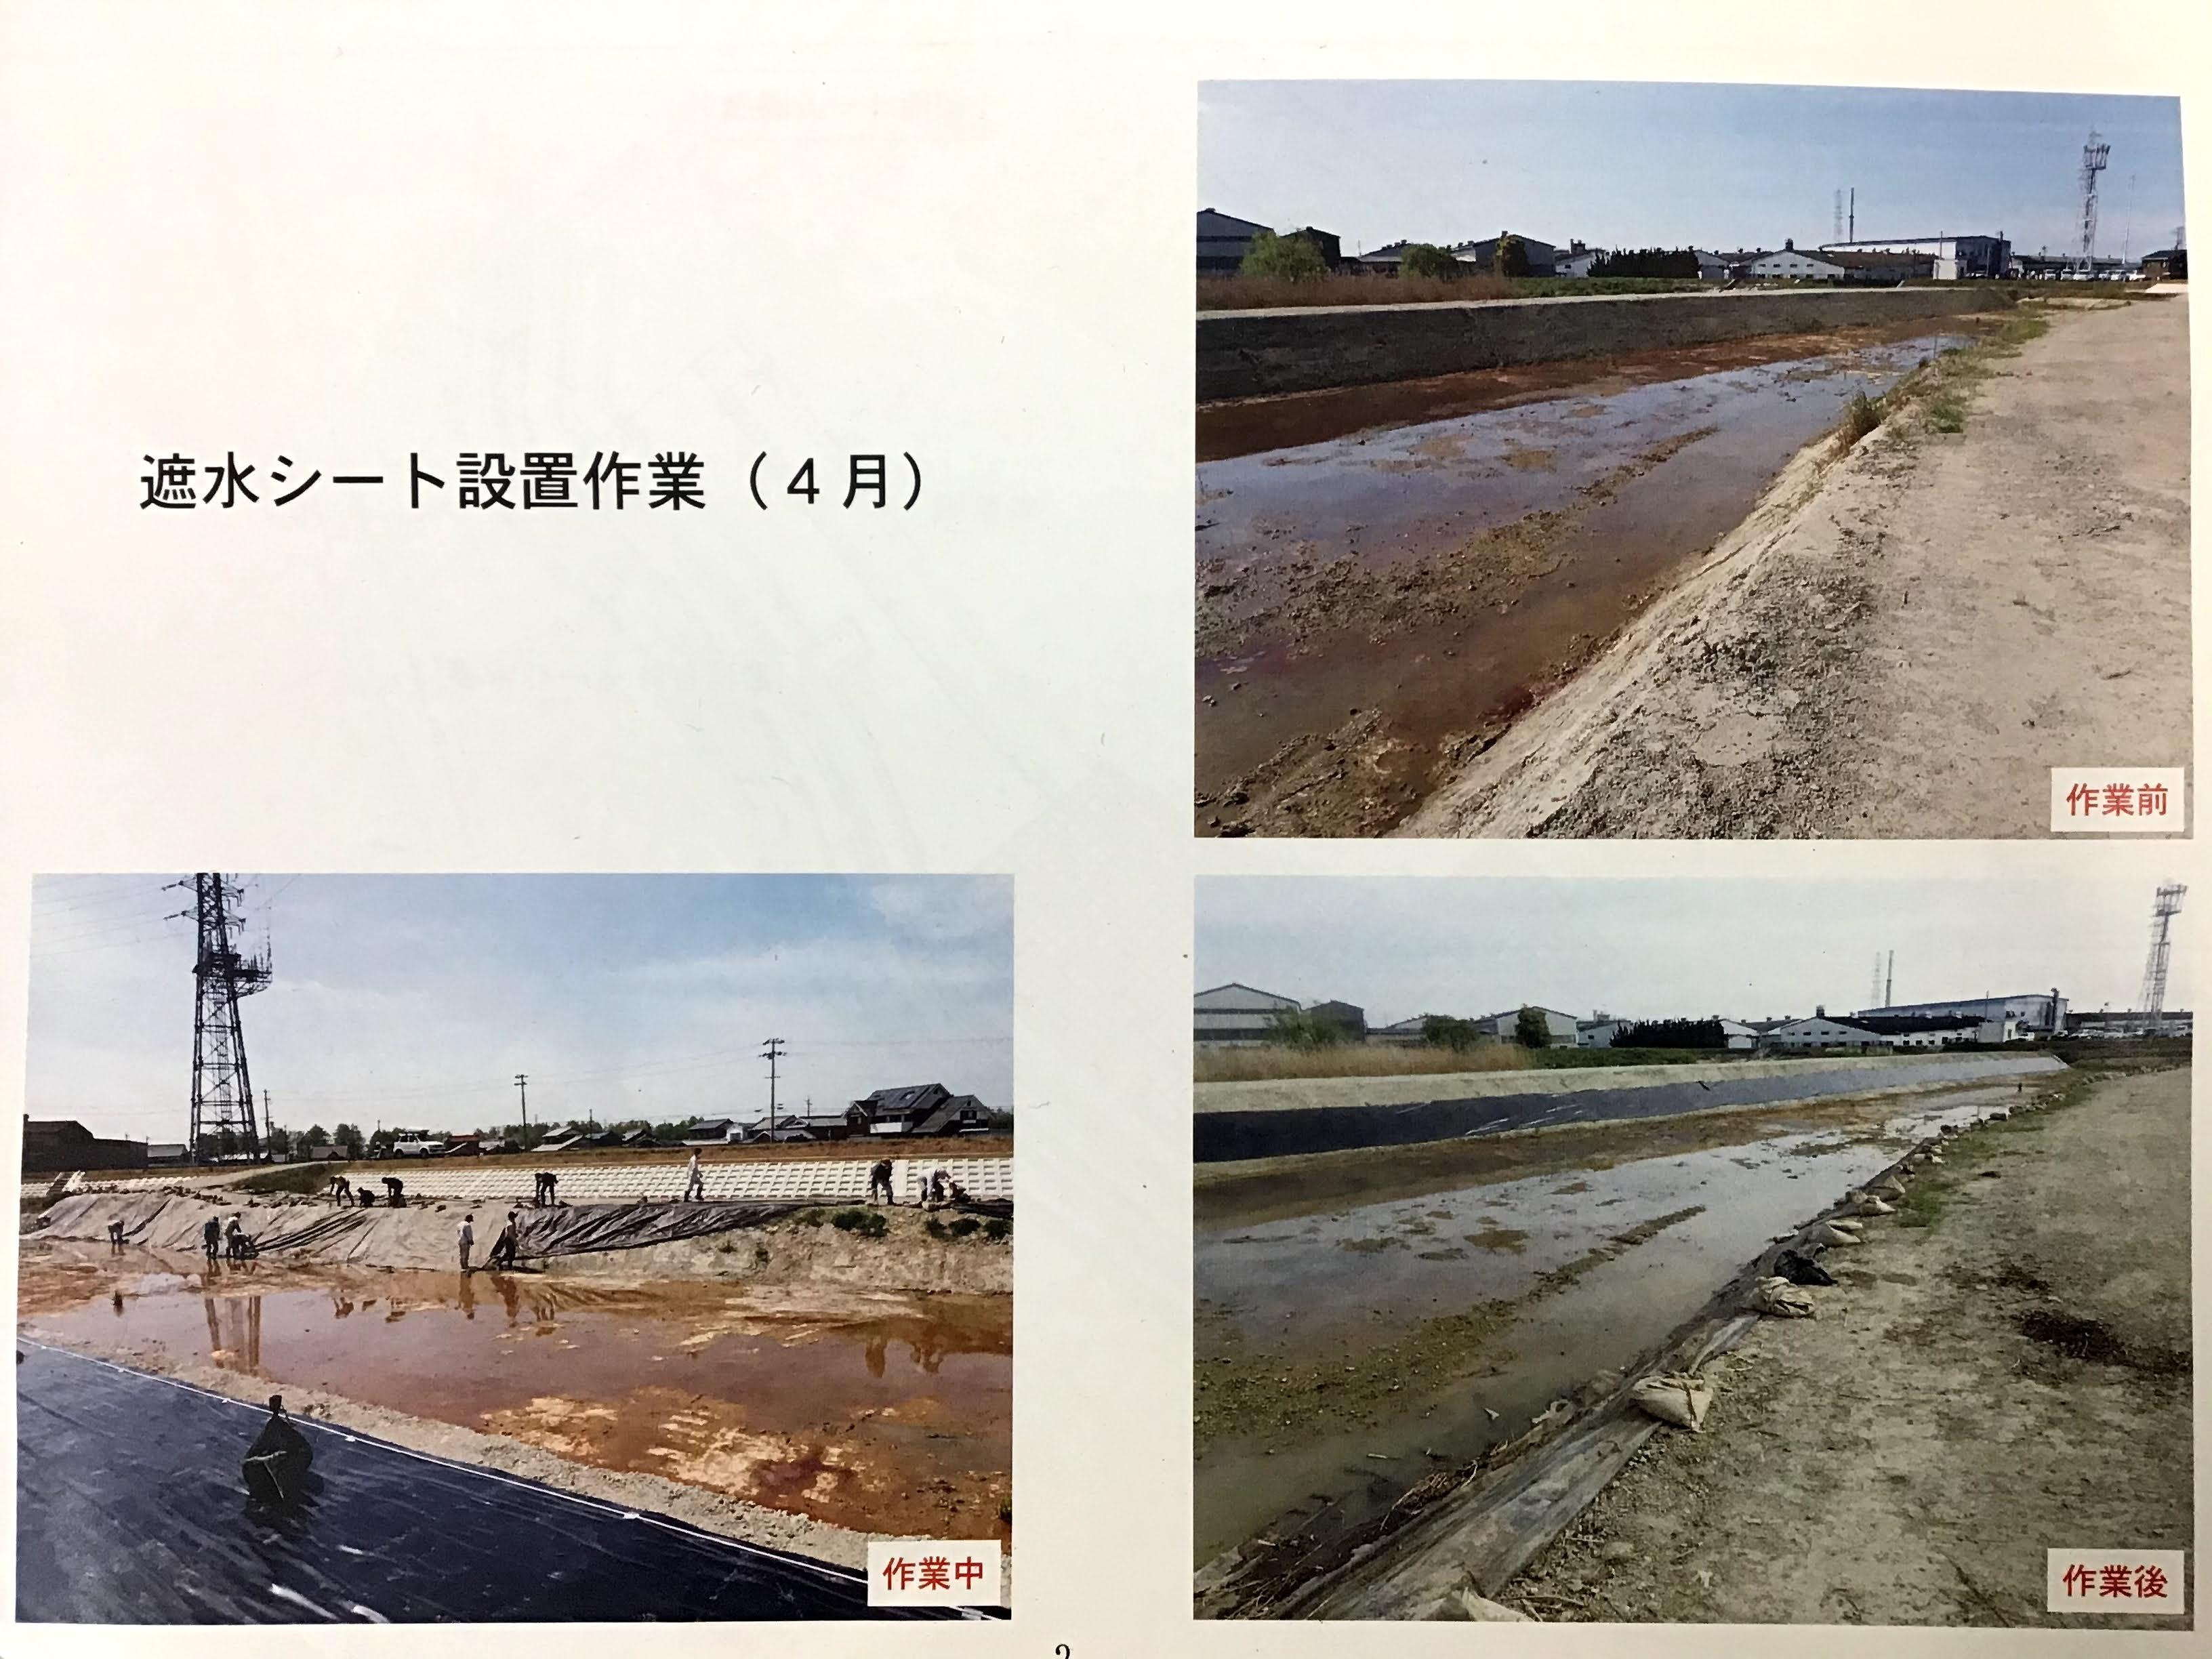 北播磨県民局加古川流域土地改良事務所整備第1課の勝治氏による新仏池でのナガエ対策説明資料の一部。